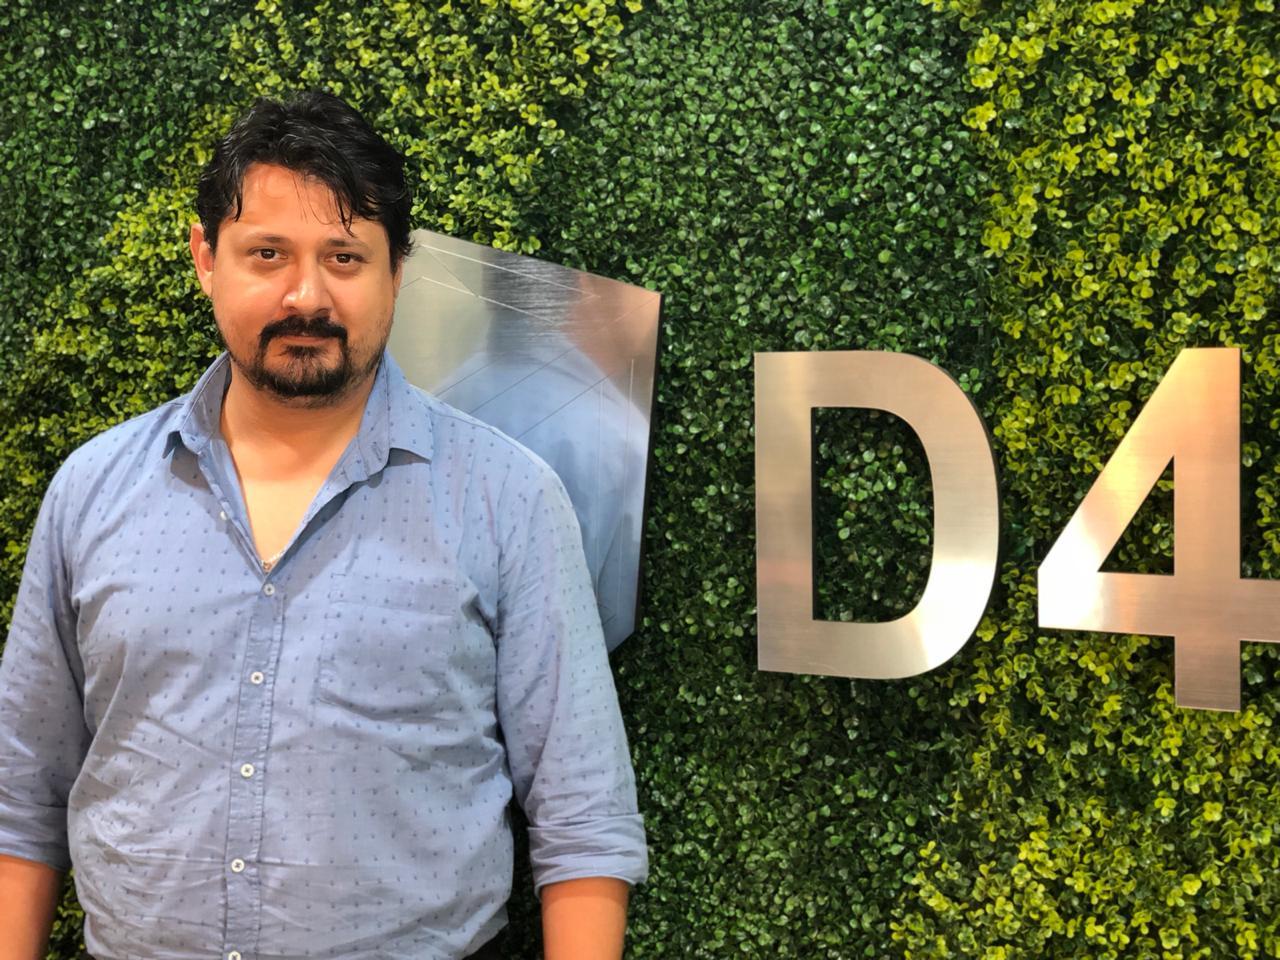 Docente en diseño gráfico LIc. Alfonso Manuel Martínez Hernandez    especialista en:  Diseño Industrial, Gráfico, en sistema de inteligencia para innovación y desarrollo, fotografía y arte visual, Diseño BioClimático LEED